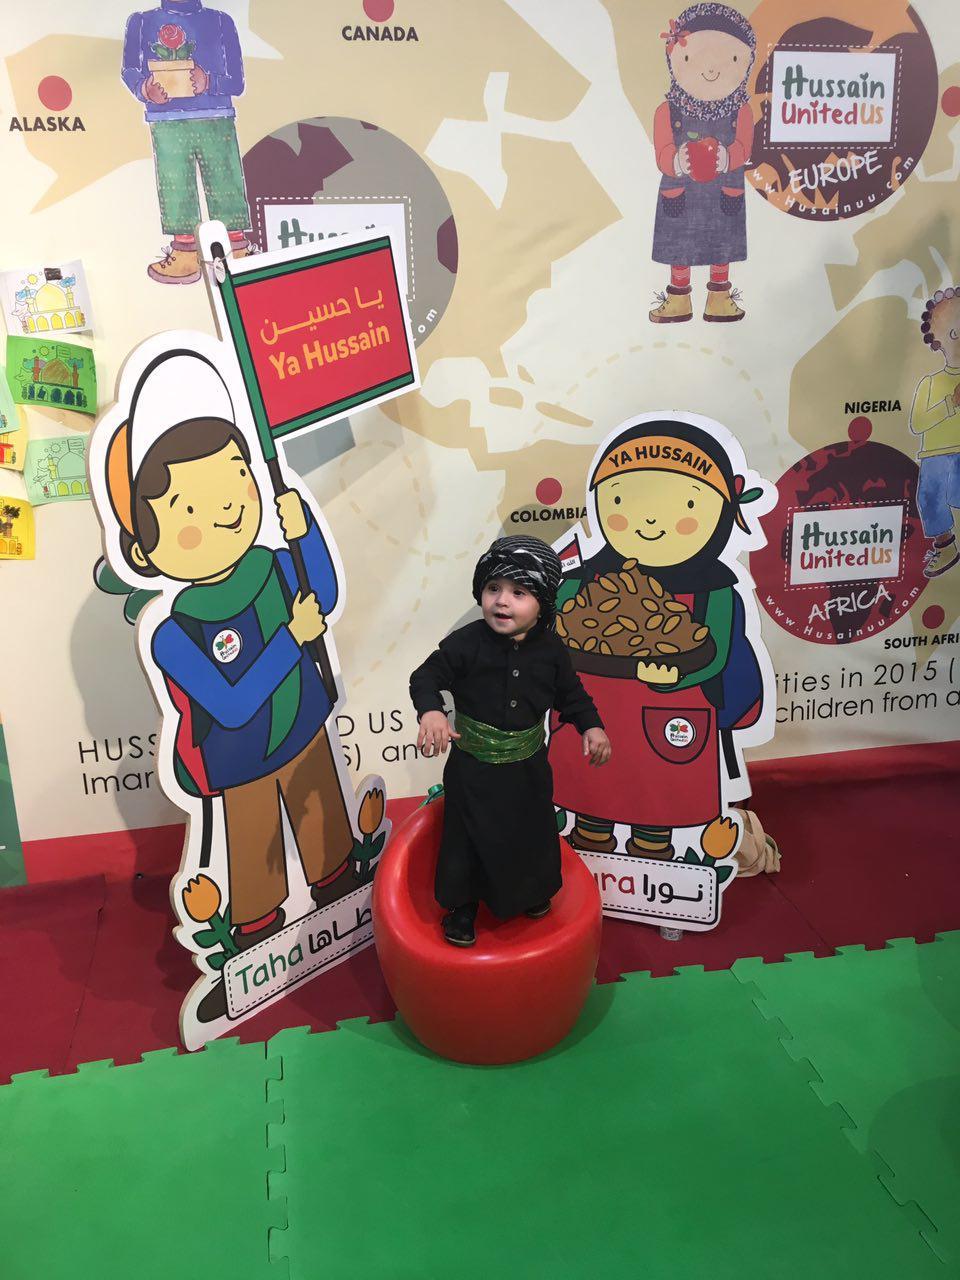 عکس خبري -تجربه بيسابقه توليد برنامه کودک در خارج از کشور